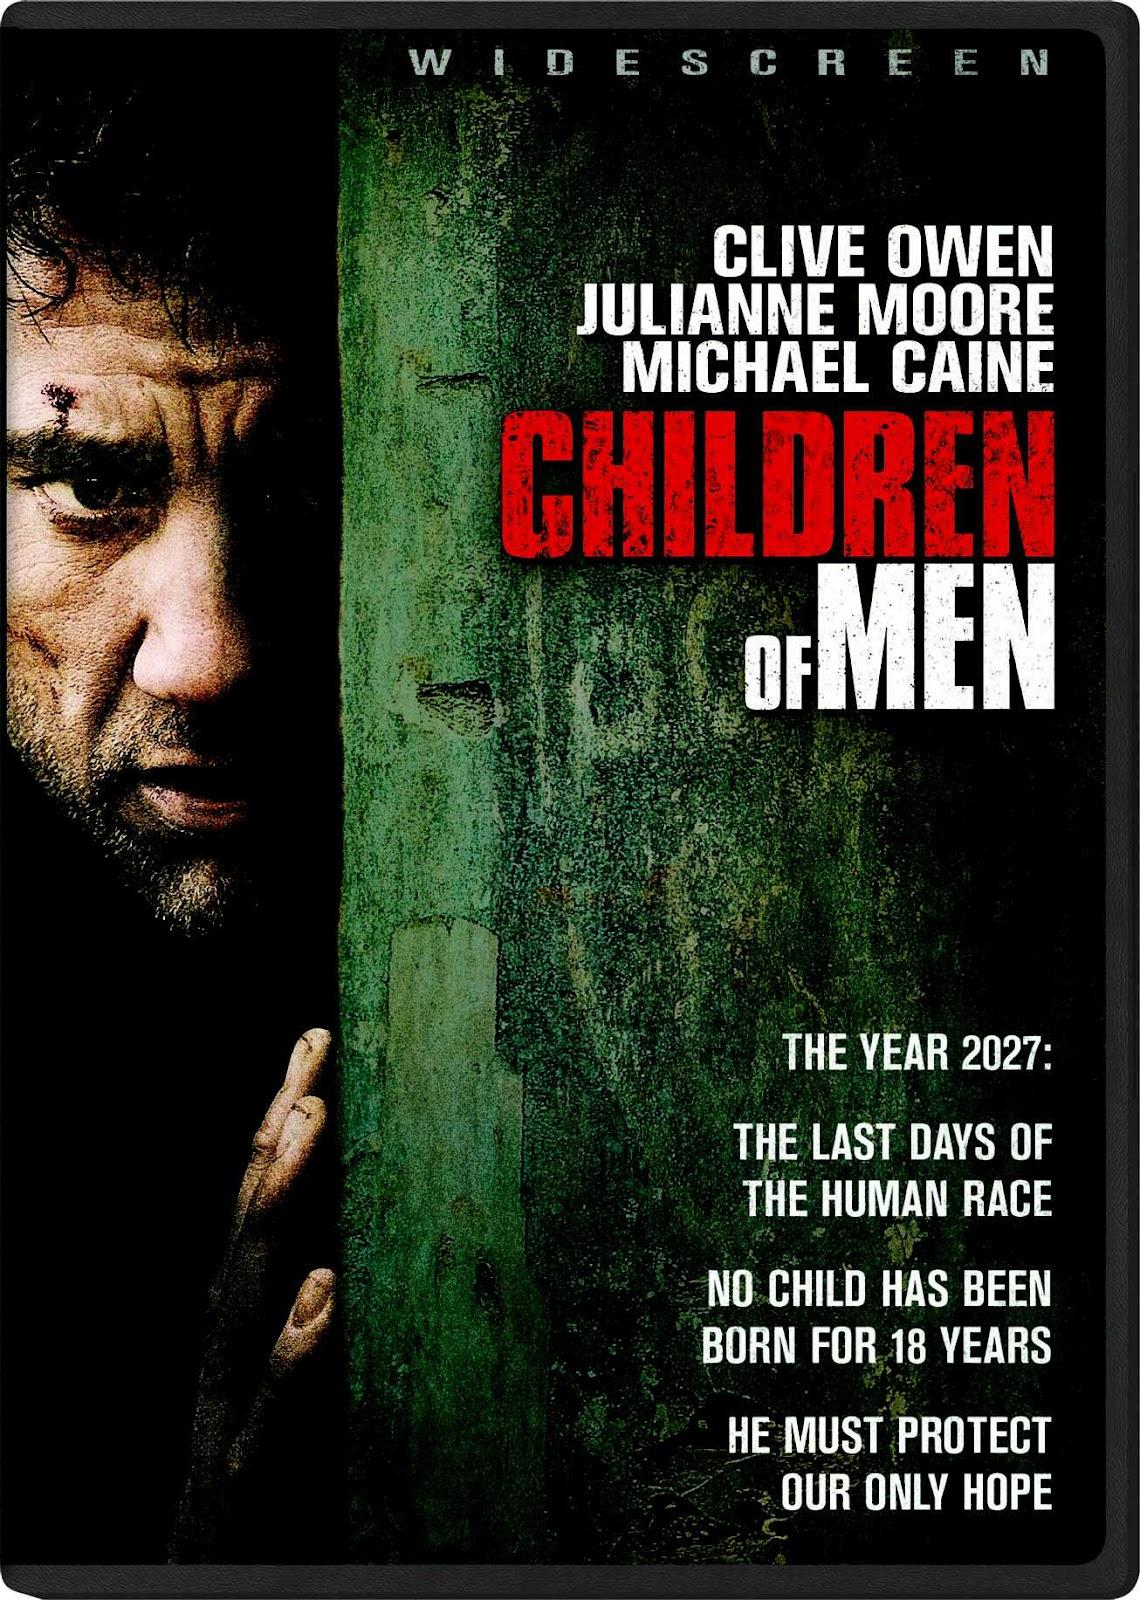 http://2.bp.blogspot.com/-wezRO3x0ipo/T2VcBfMLh1I/AAAAAAAABoc/hjcdxDovn3E/s1600/2006_children_of_men_dvd_boxart_2D.jpg